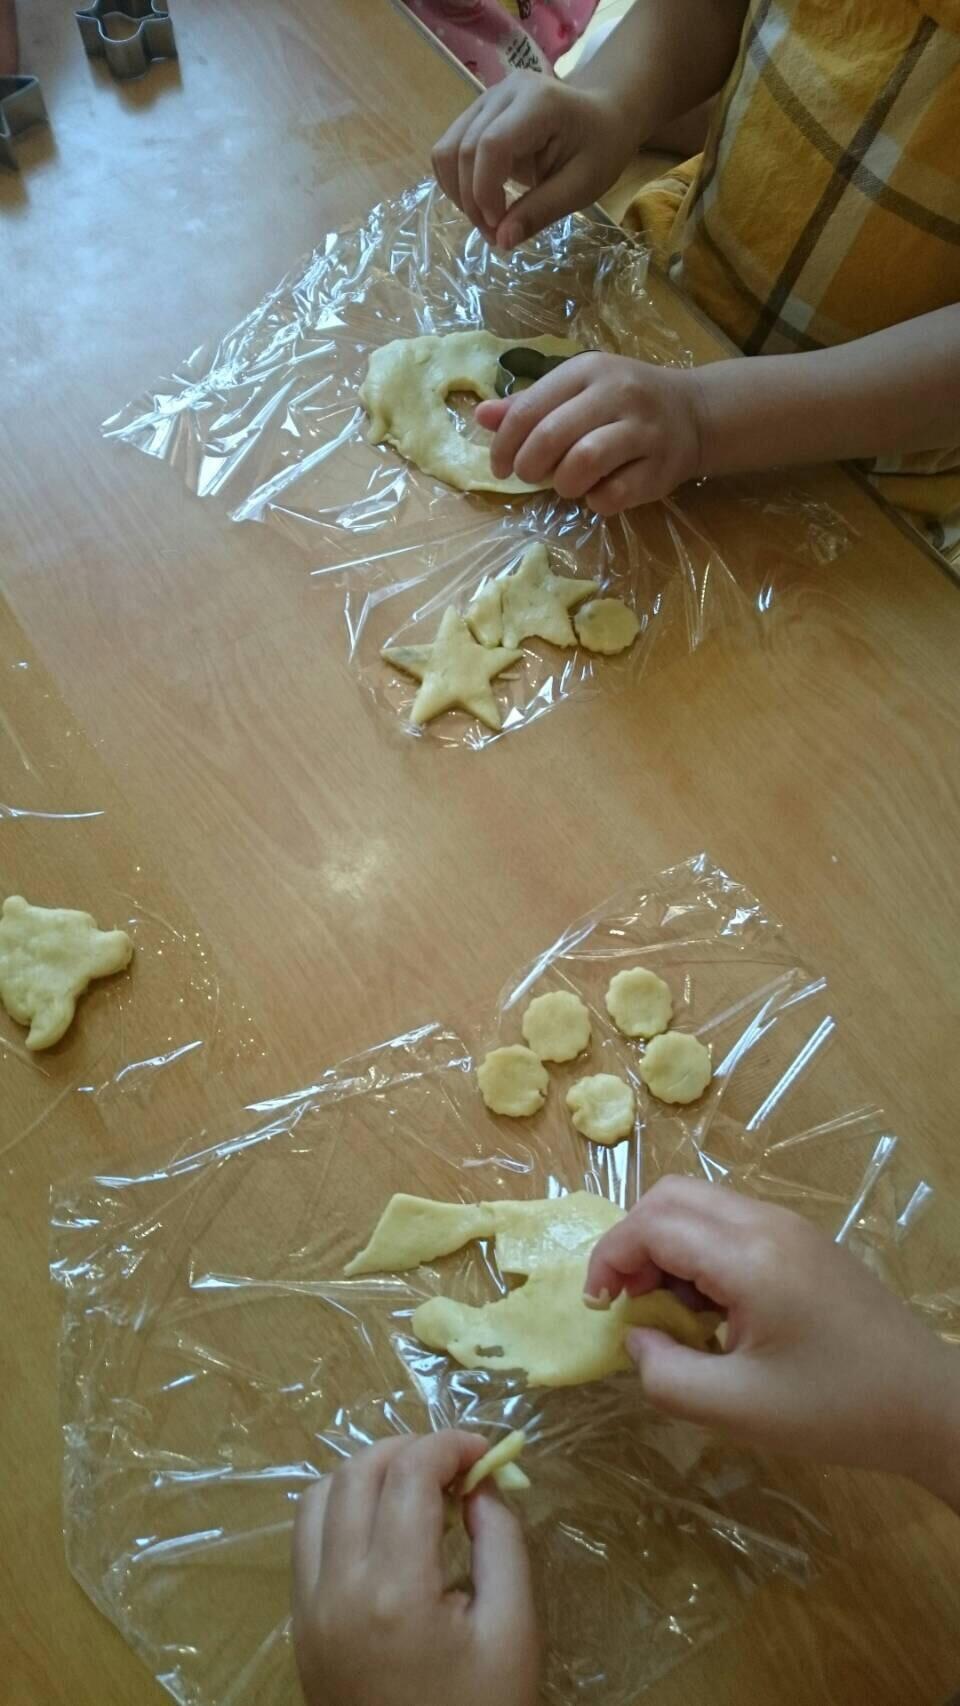 4歳児 らいおん組   クッキーづくりクッキング_c0151262_21460502.jpg